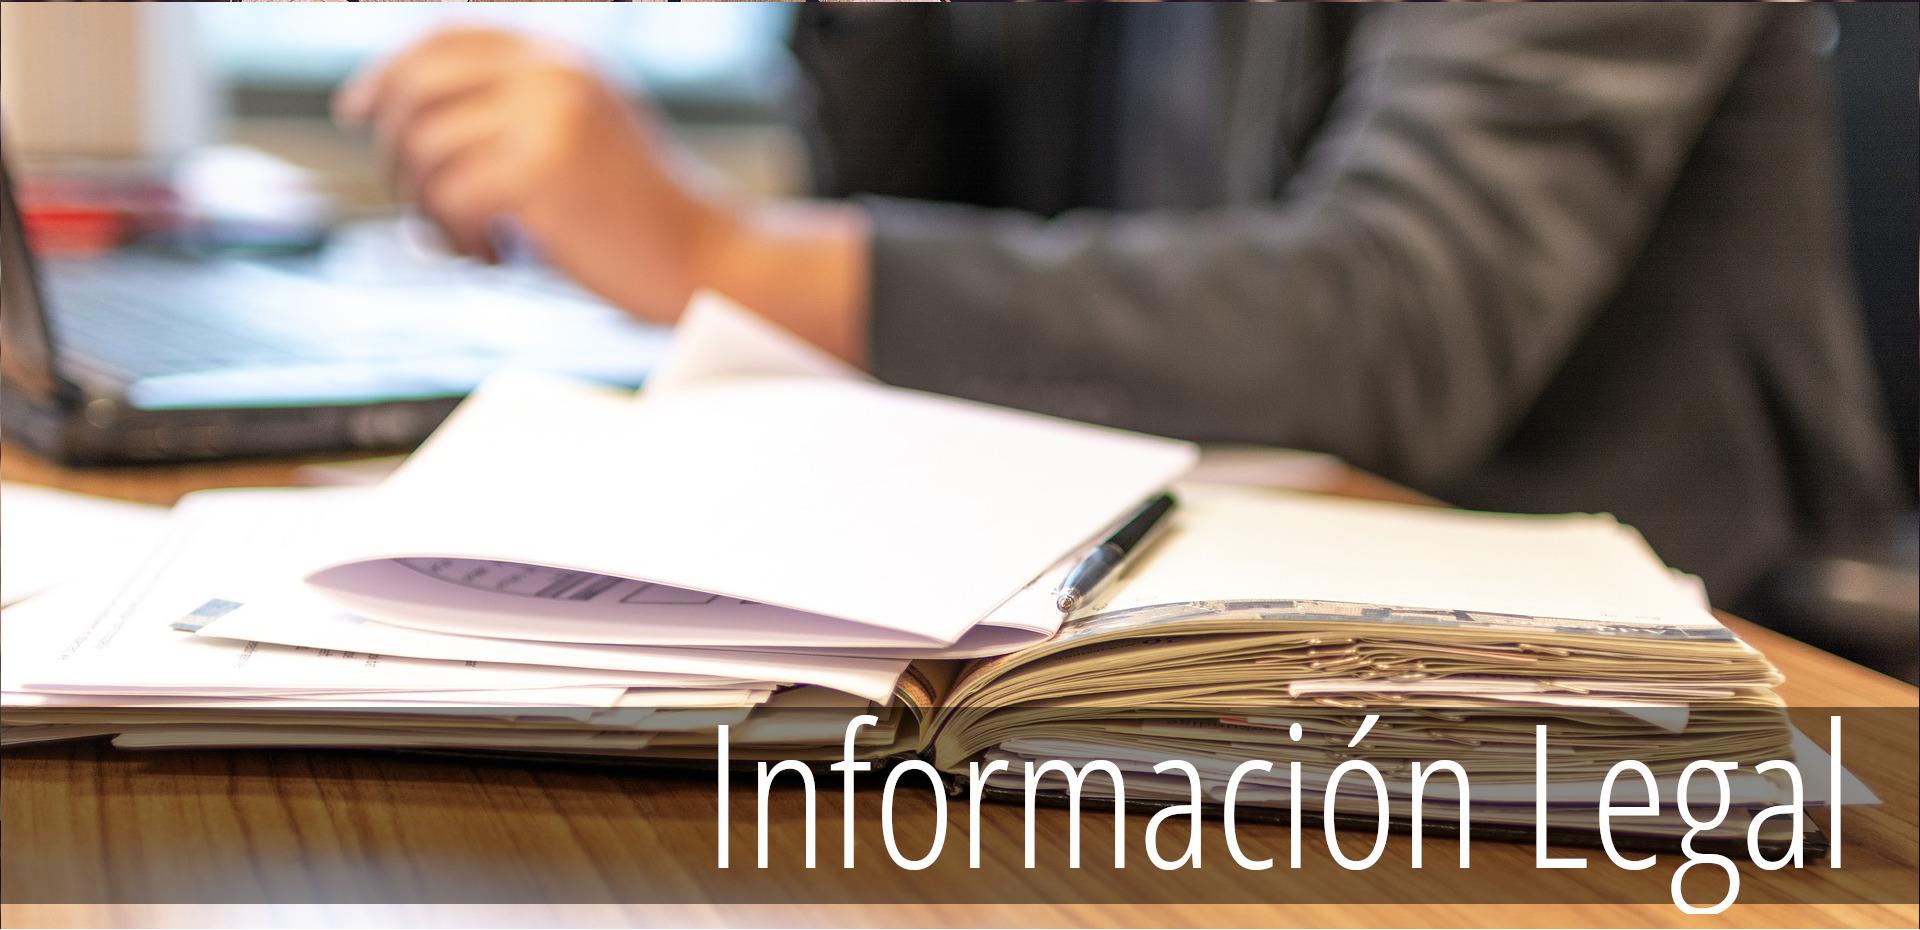 Información sobre regulación laboral y legal